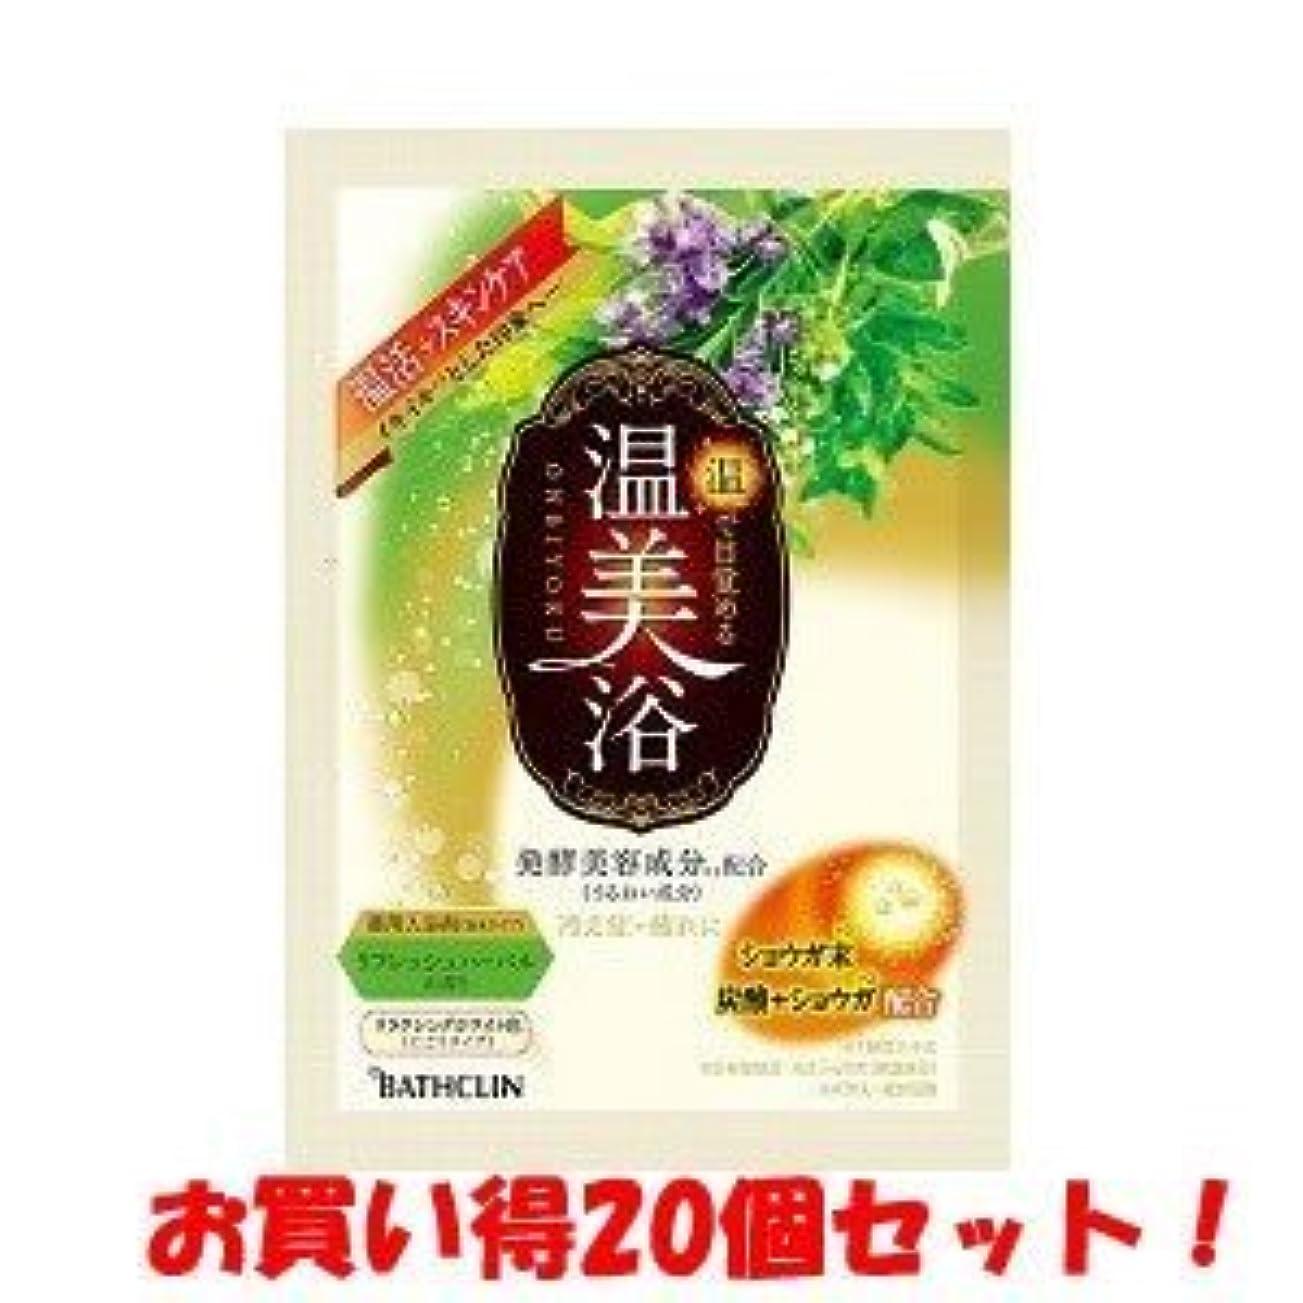 精査お客様疑わしい(バスクリン)温美浴 リフレッシュハーバルの香り 40g(医薬部外品)(お買い得20個セット)